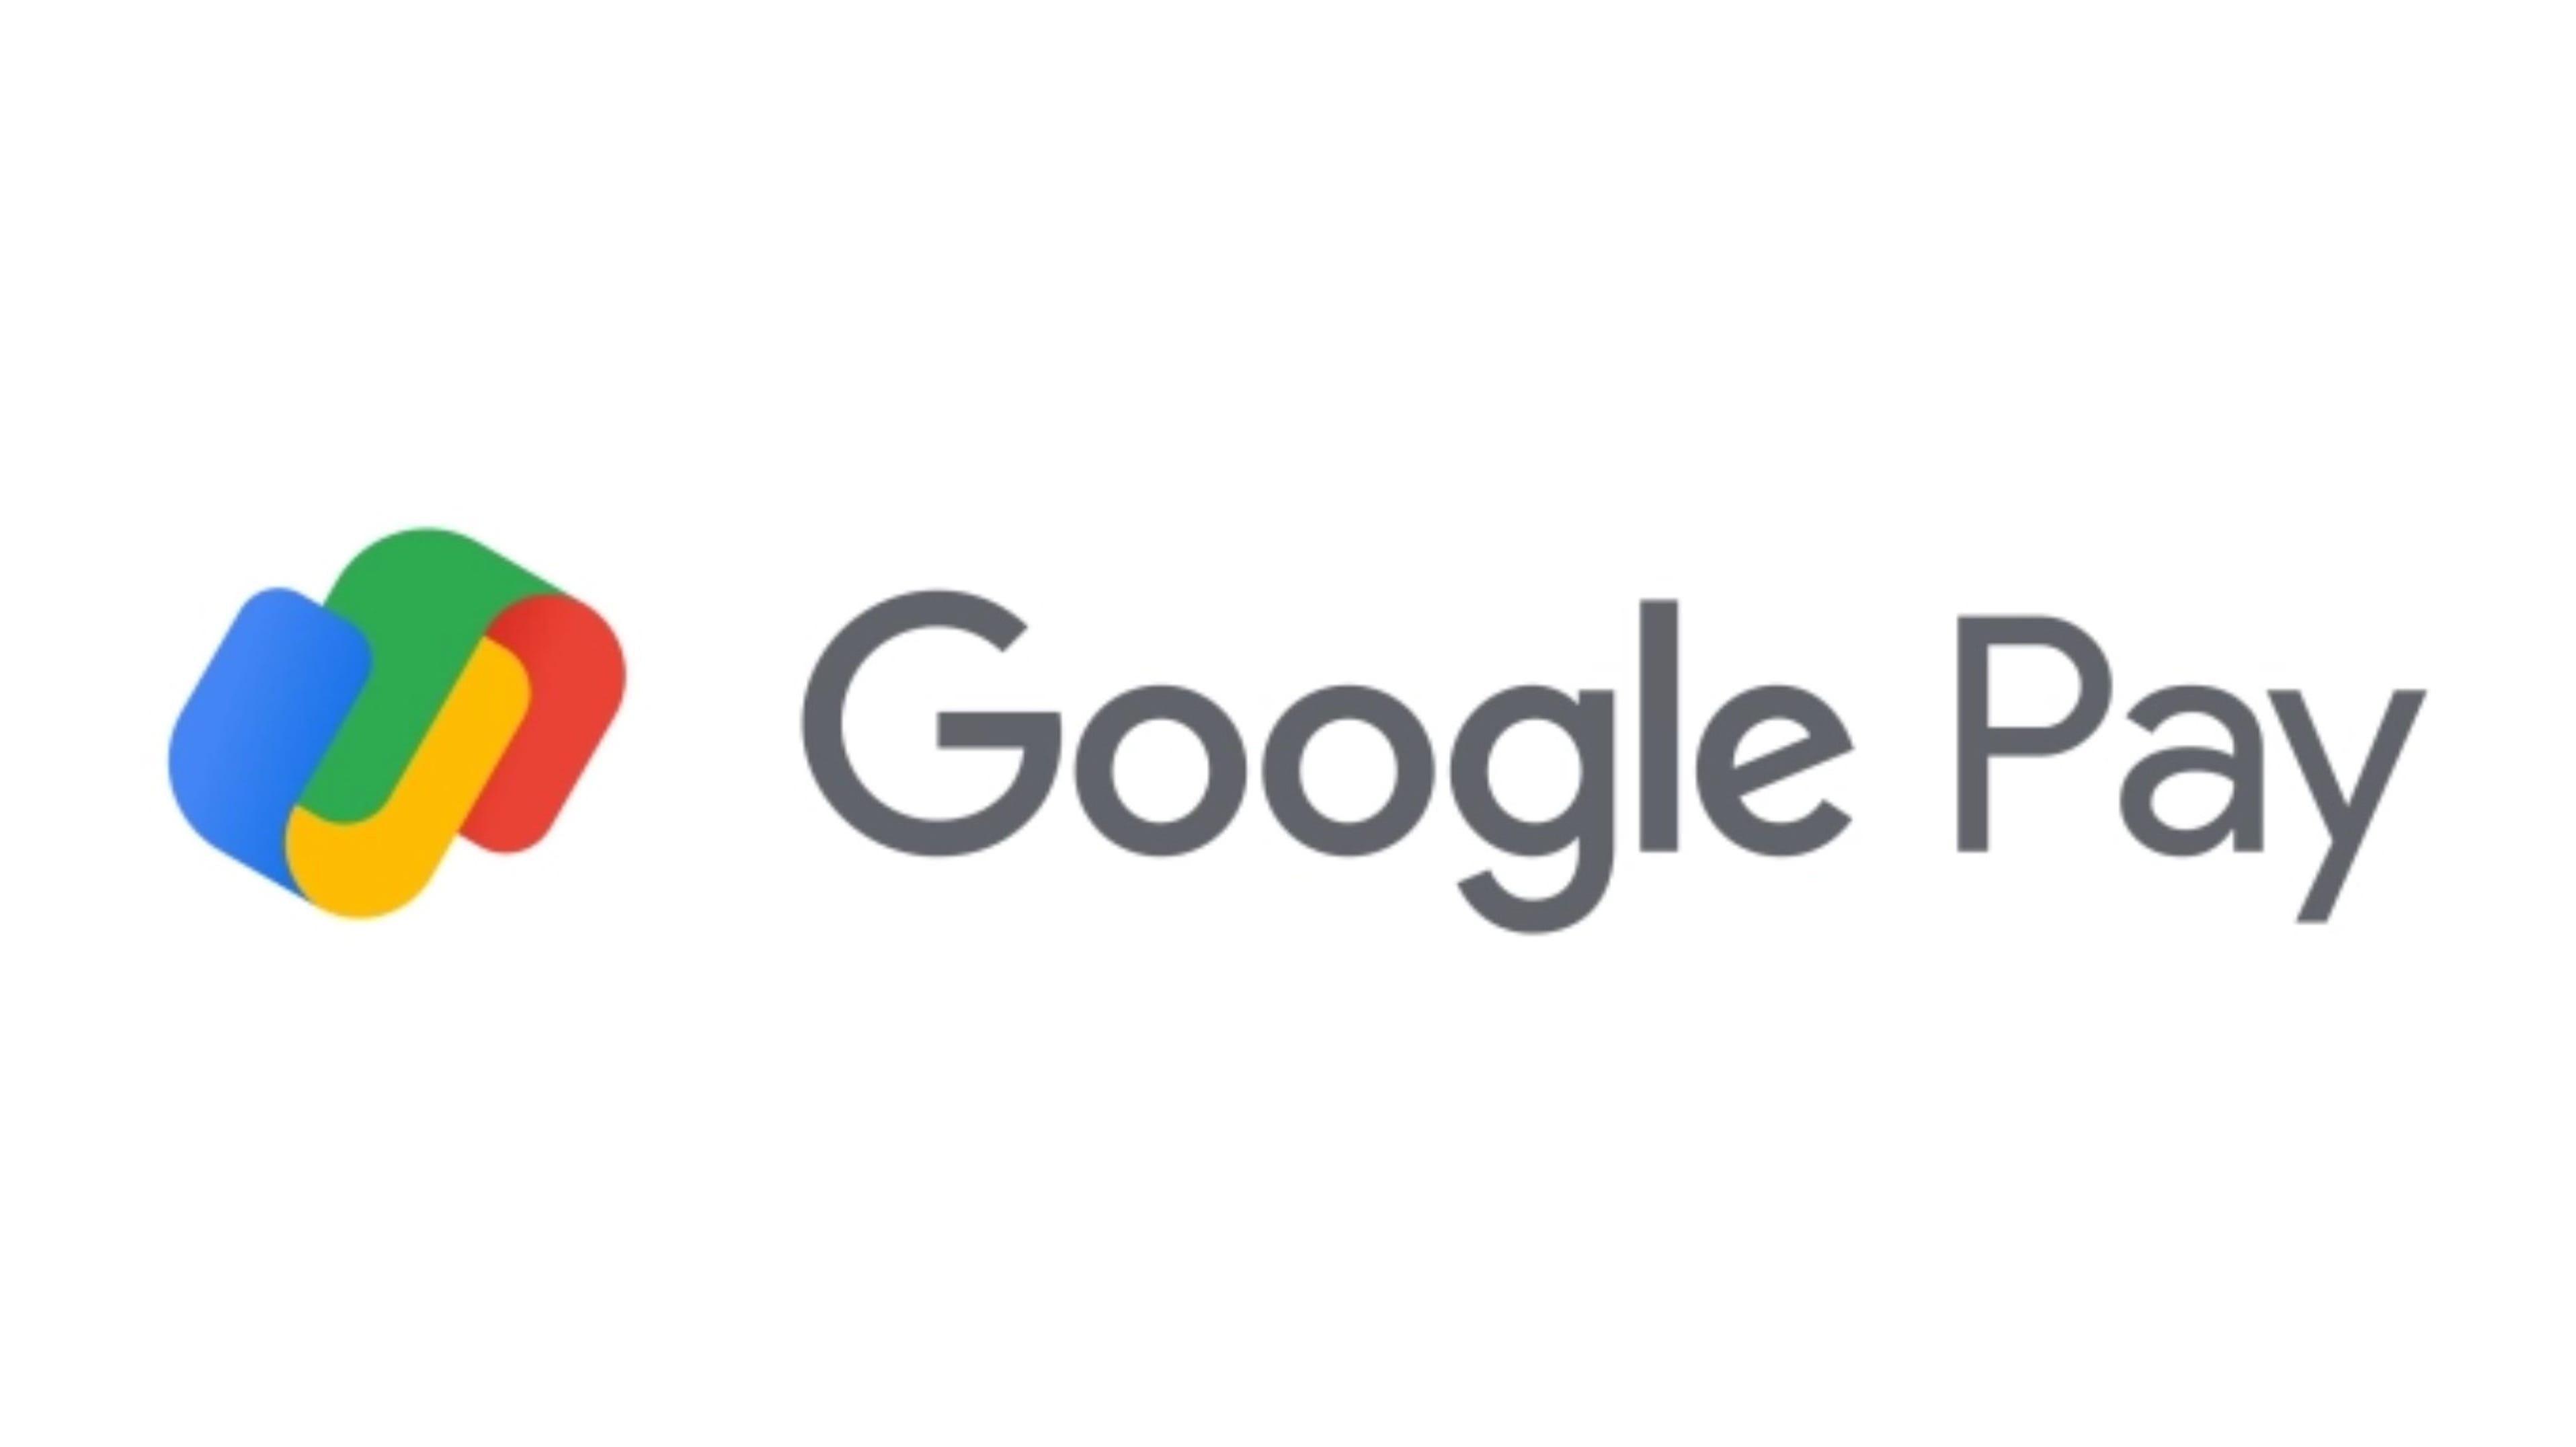 Google Pay भारत में उपयोगकर्ताओं को अपने प्लेटफॉर्म पर सावधि जमा खोलने की अनुमति देगा